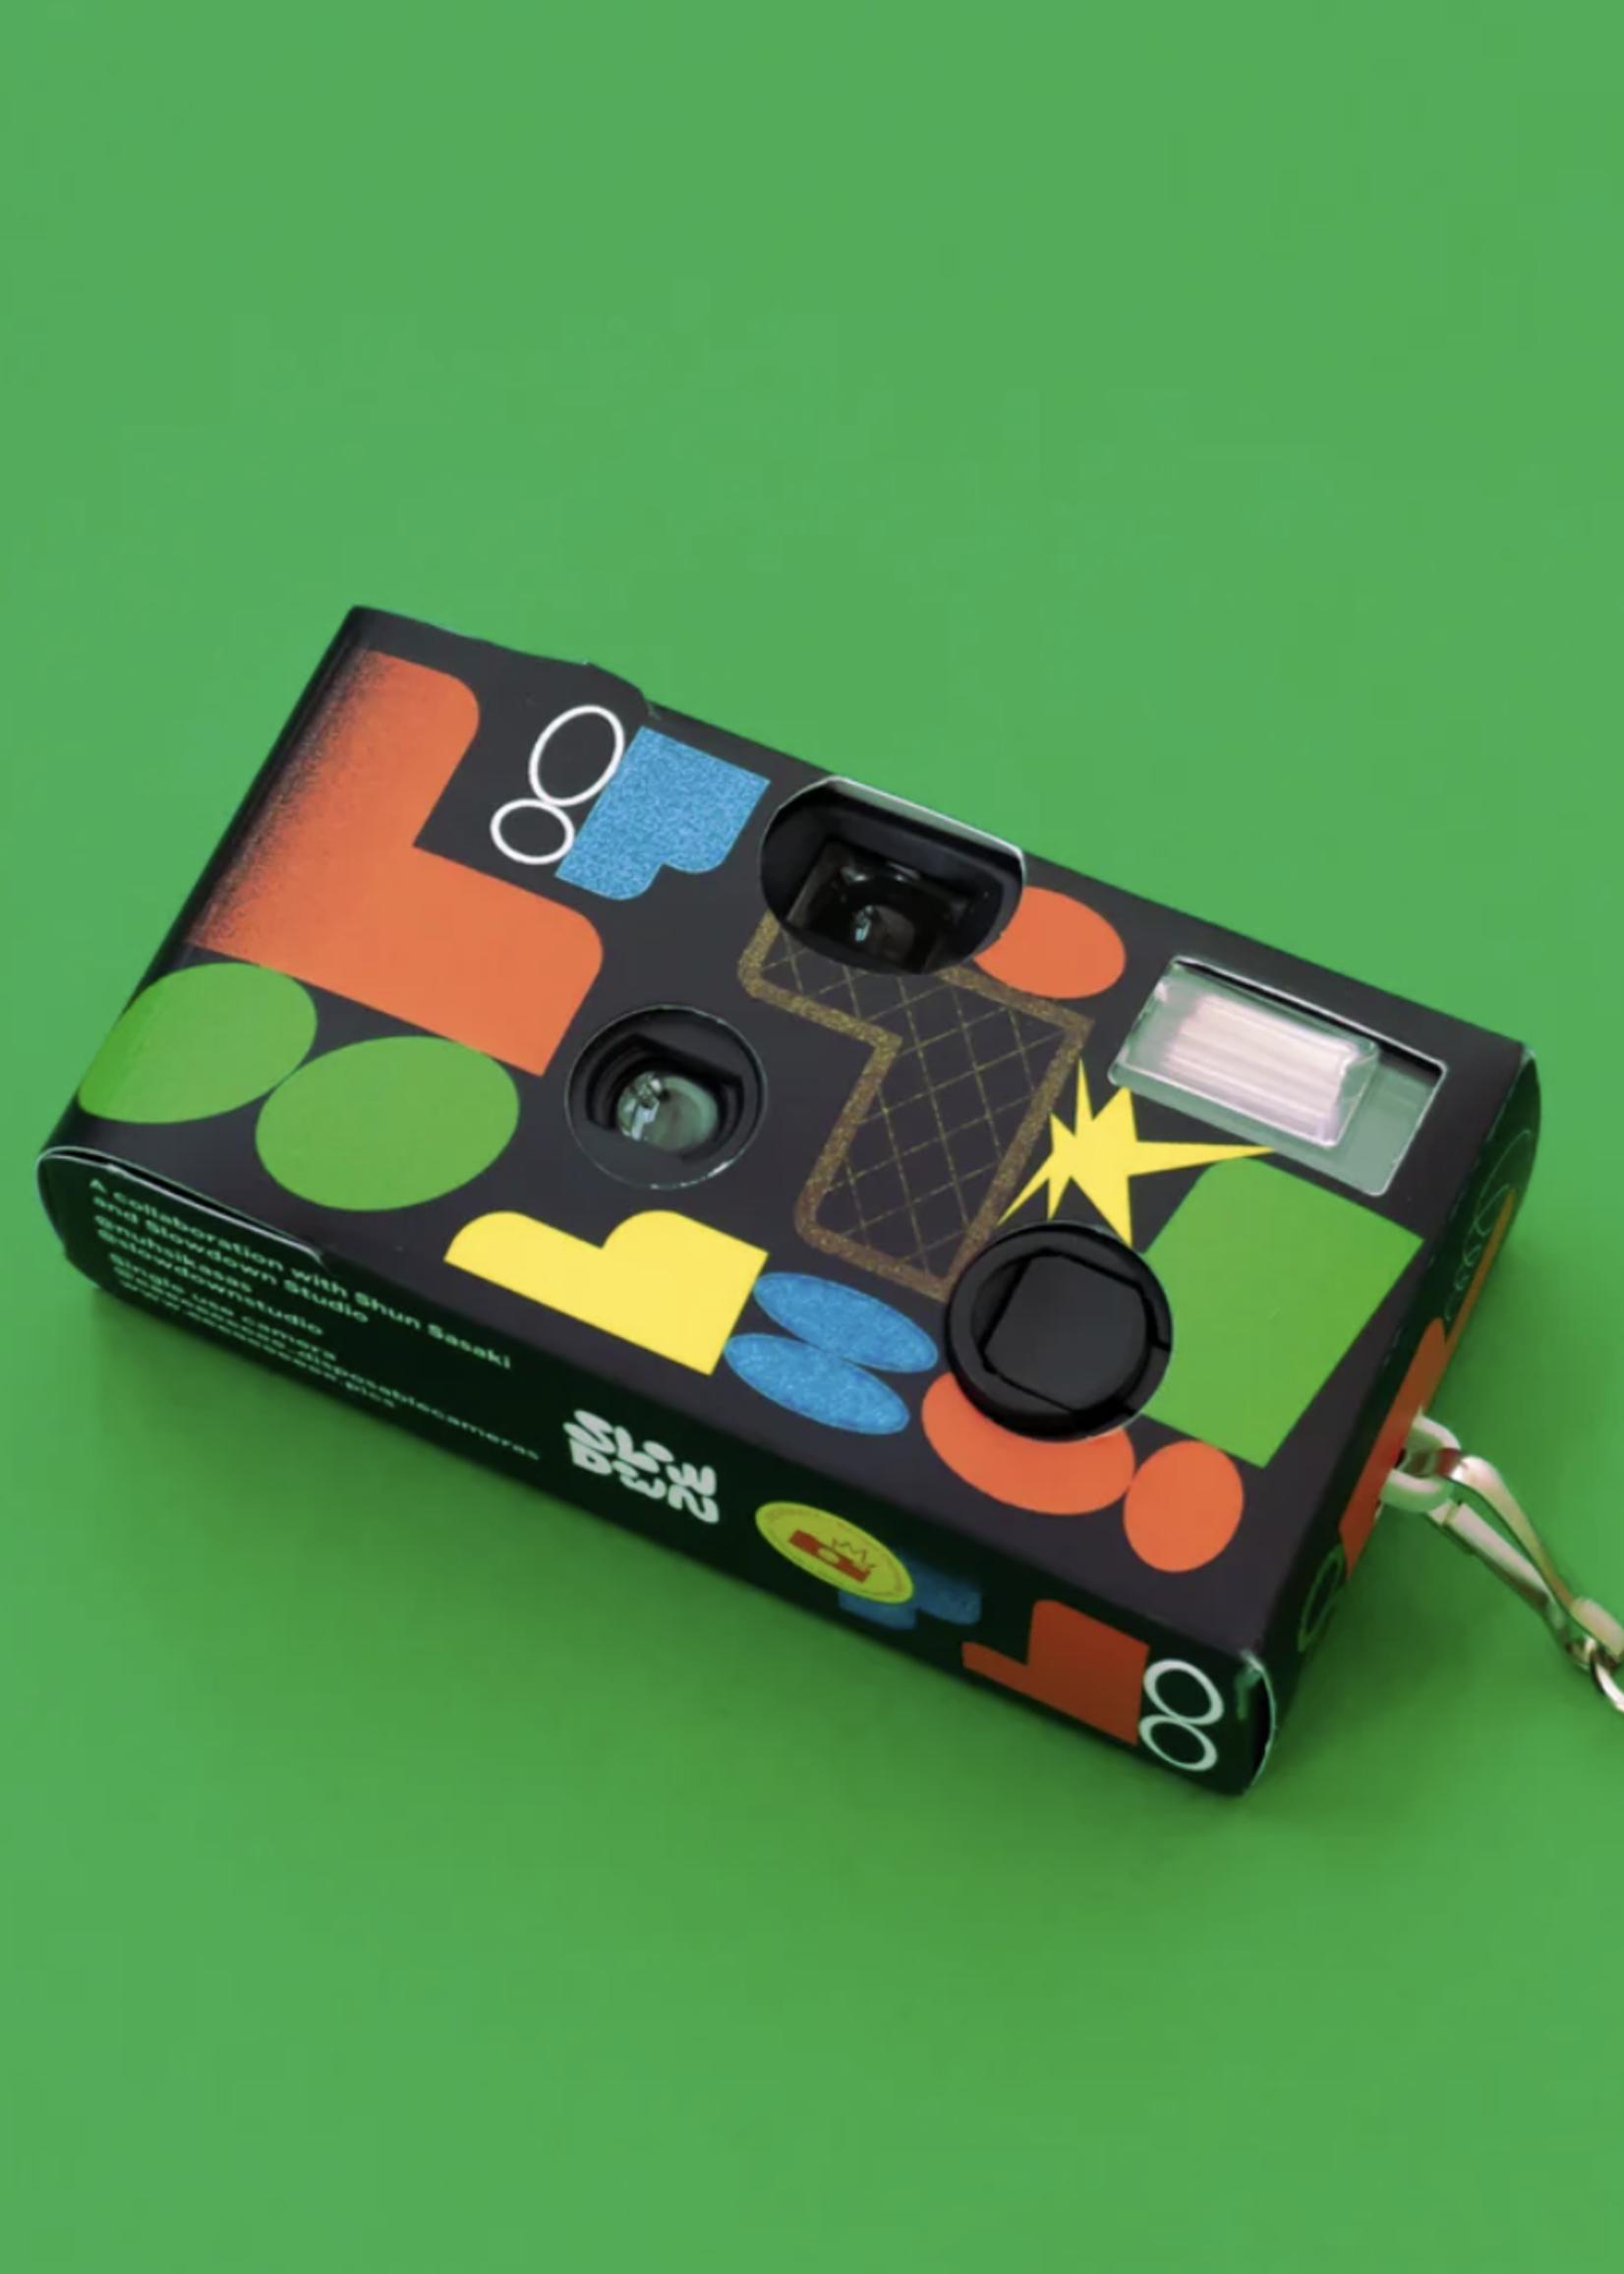 EEEEEEEEEE Recycled Disposable Cameras